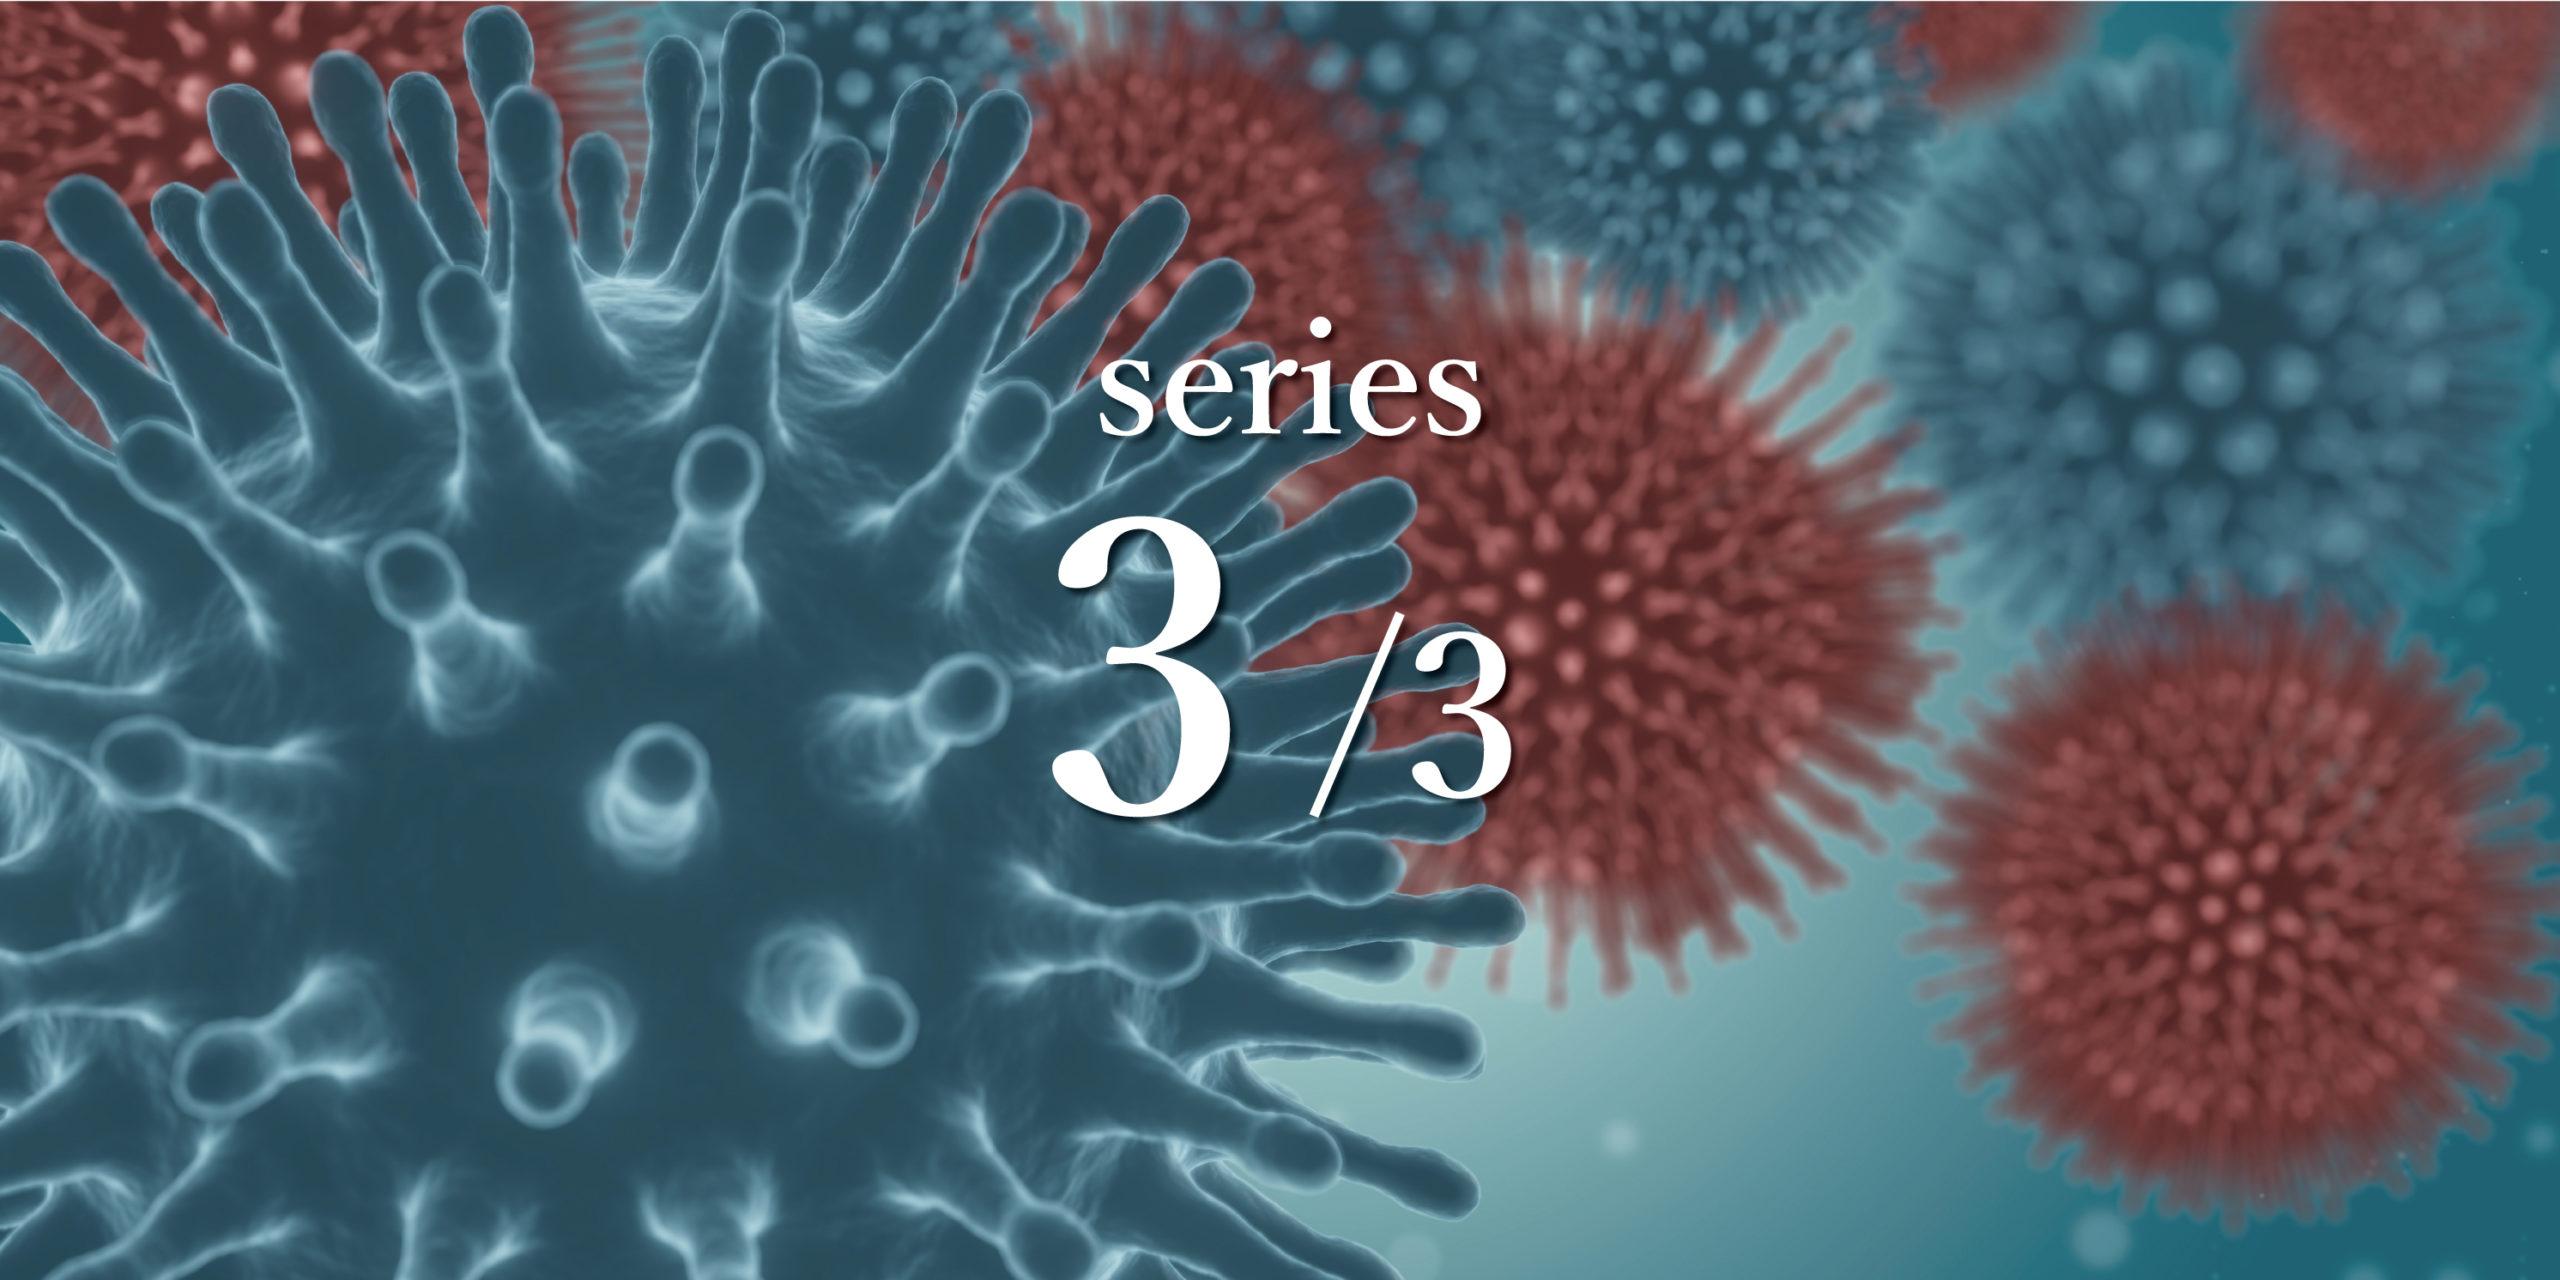 シリーズ・知っておきたい鳥インフルエンザ(3/3)まだ終わっていない!鳥インフルエンザの脅威